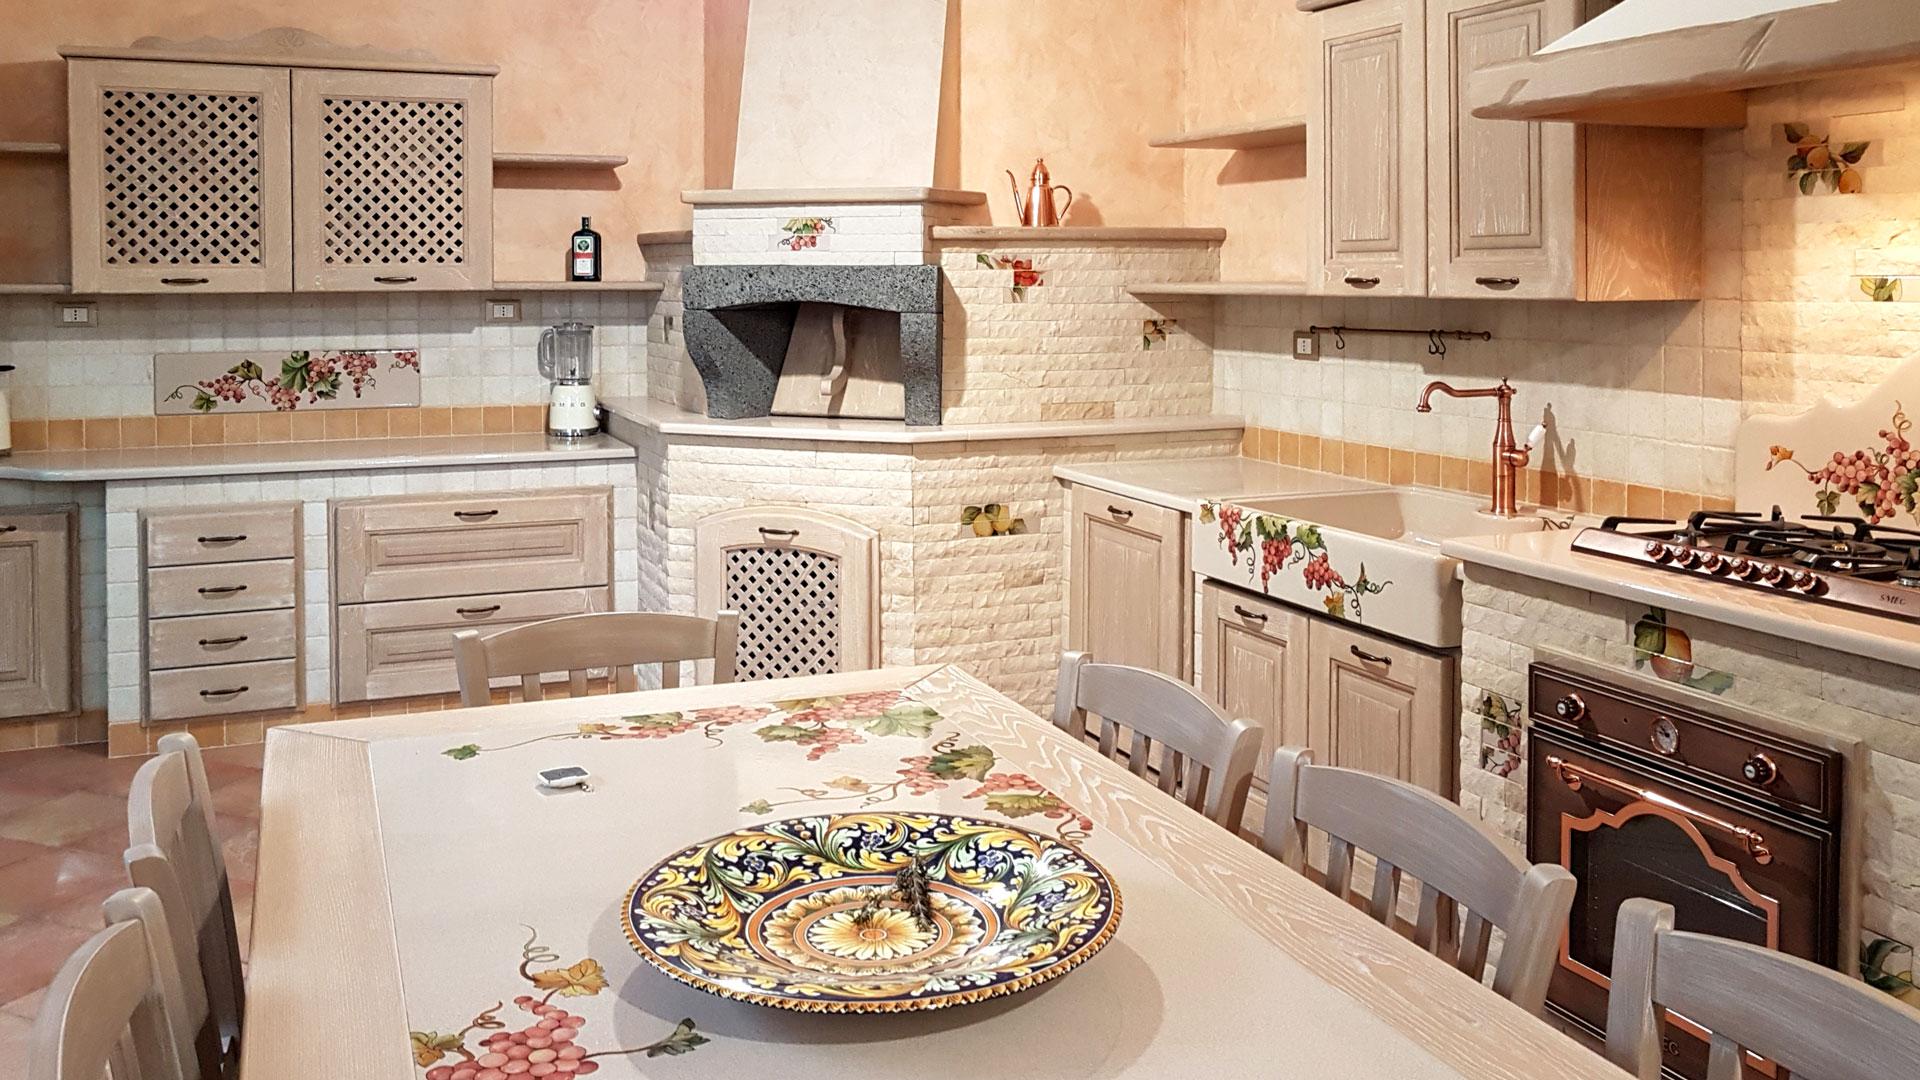 Cucine siciliane artigianali realizzate su misura artesole for Cucina siciliana